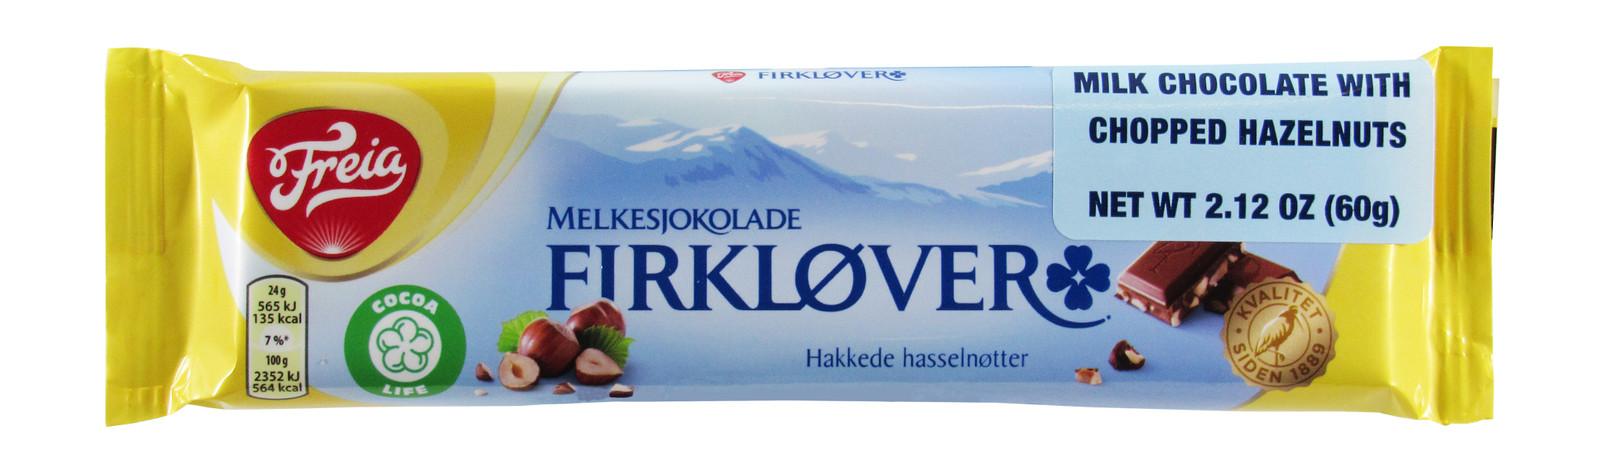 Imported Freia Milk Chocolate Bar with Hazelnuts